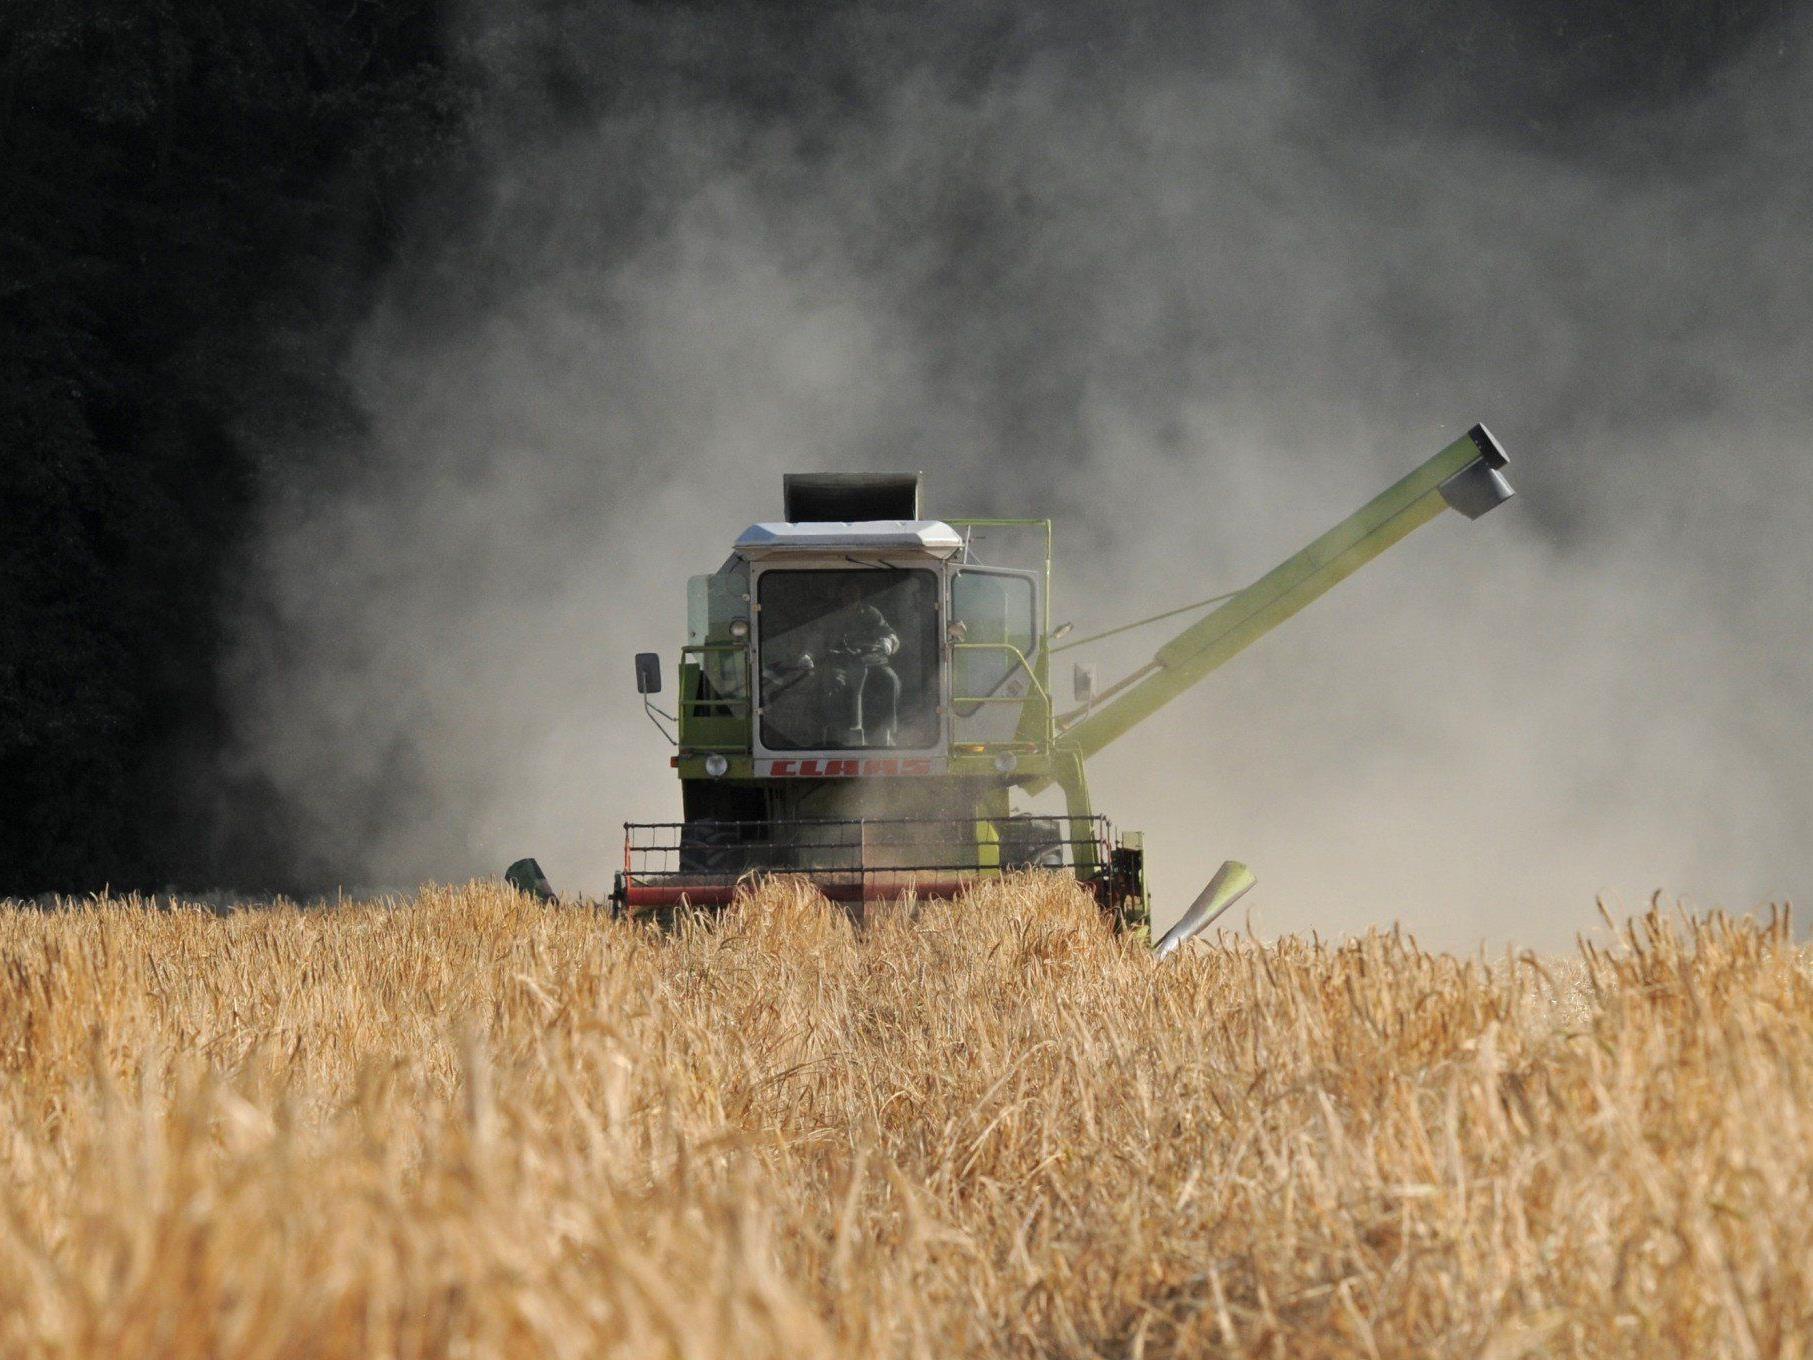 Trockenheit - Wiener Bauern rechnen mit bis zu 35 Prozent Einbußen